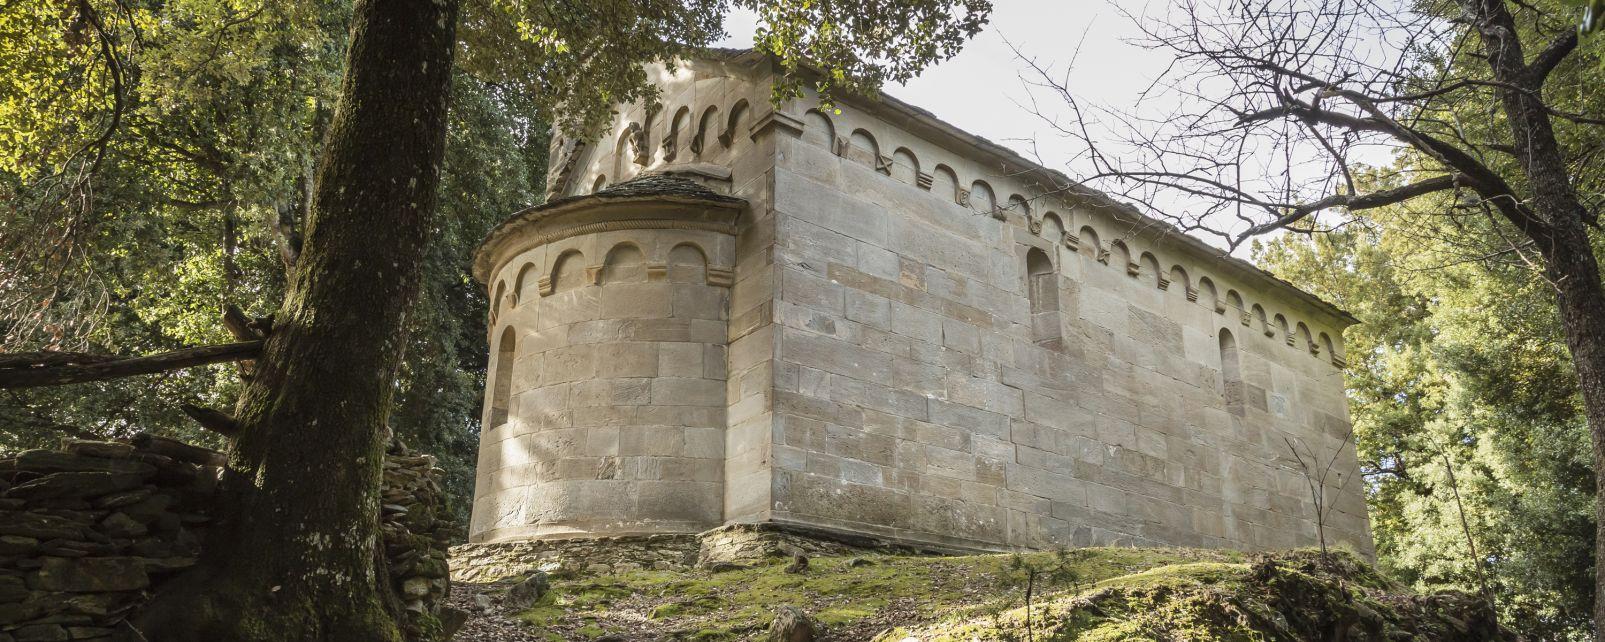 , La chapelle San Quilico de Cambia, I monumenti, Corsica